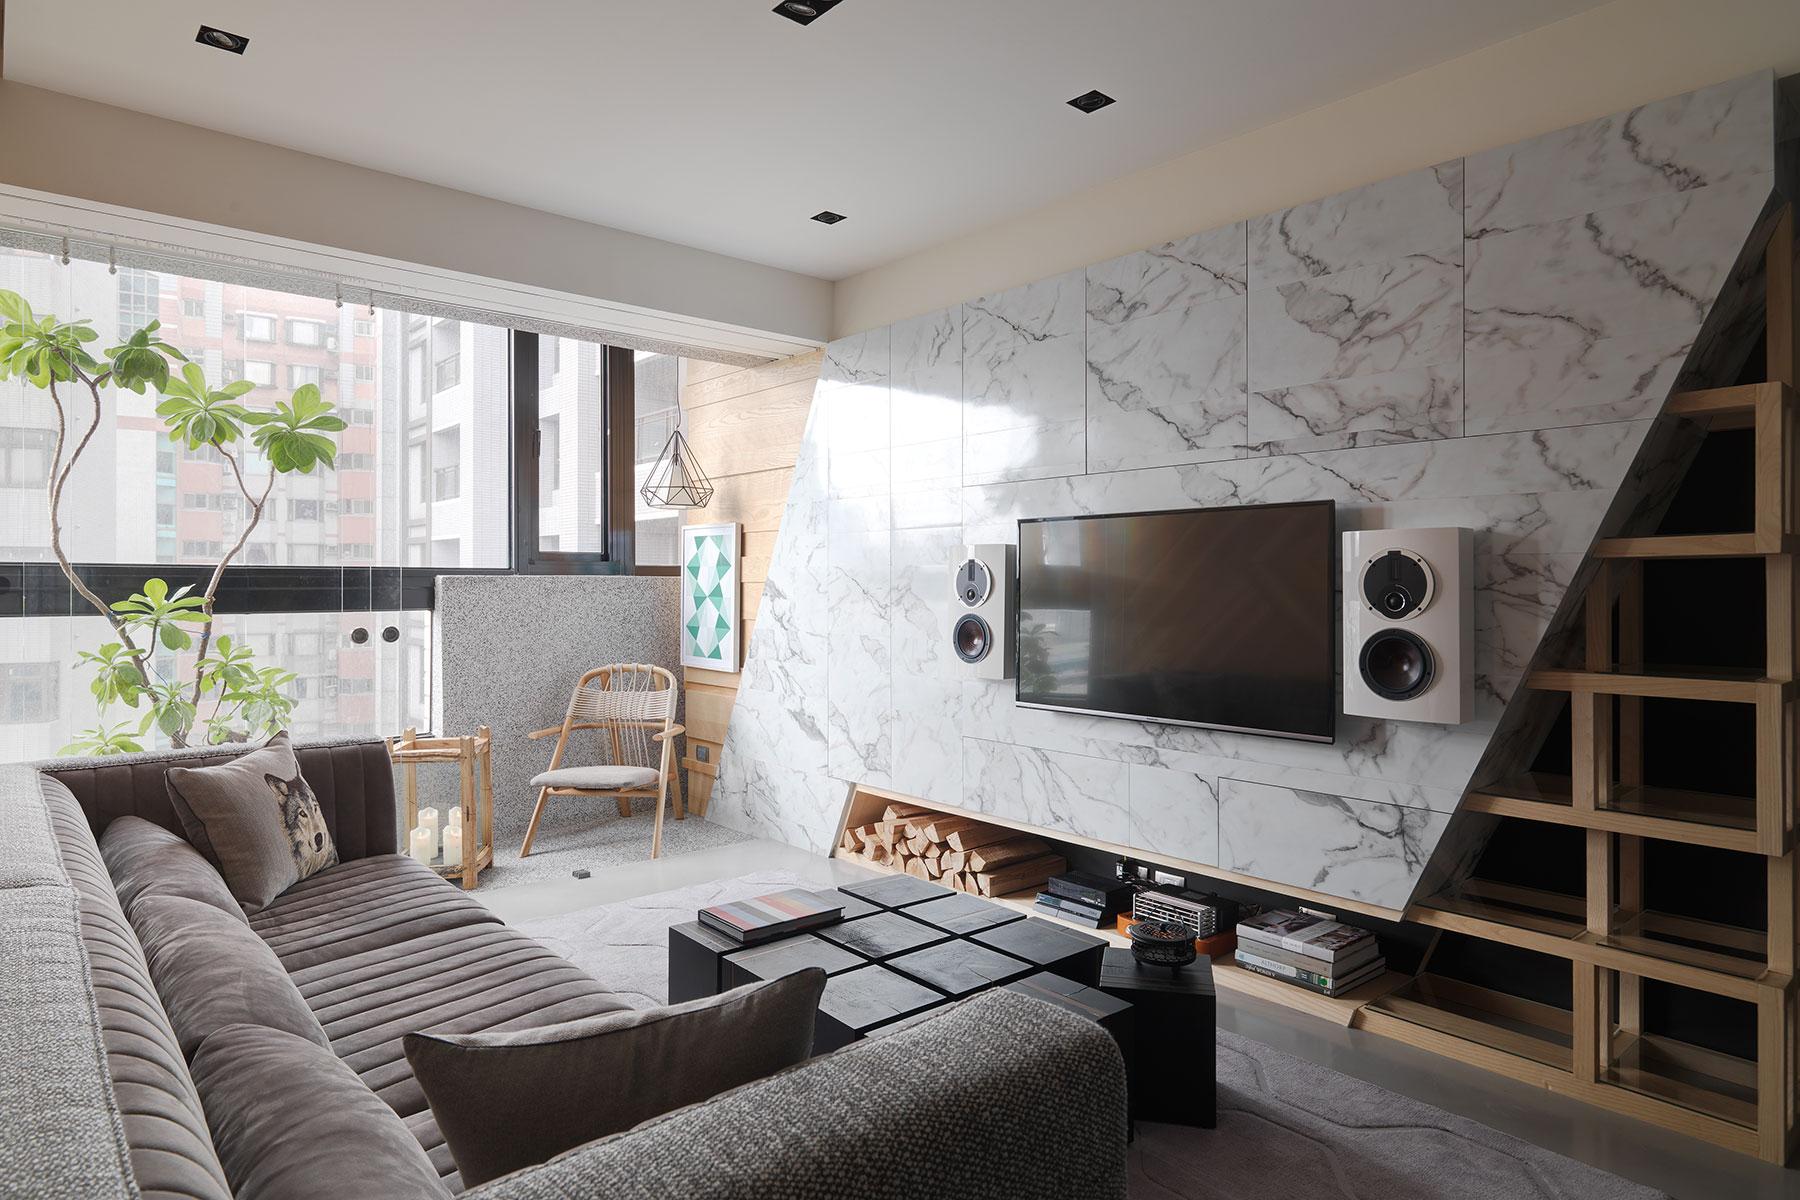 132㎡现代风格电视背景墙装修效果图